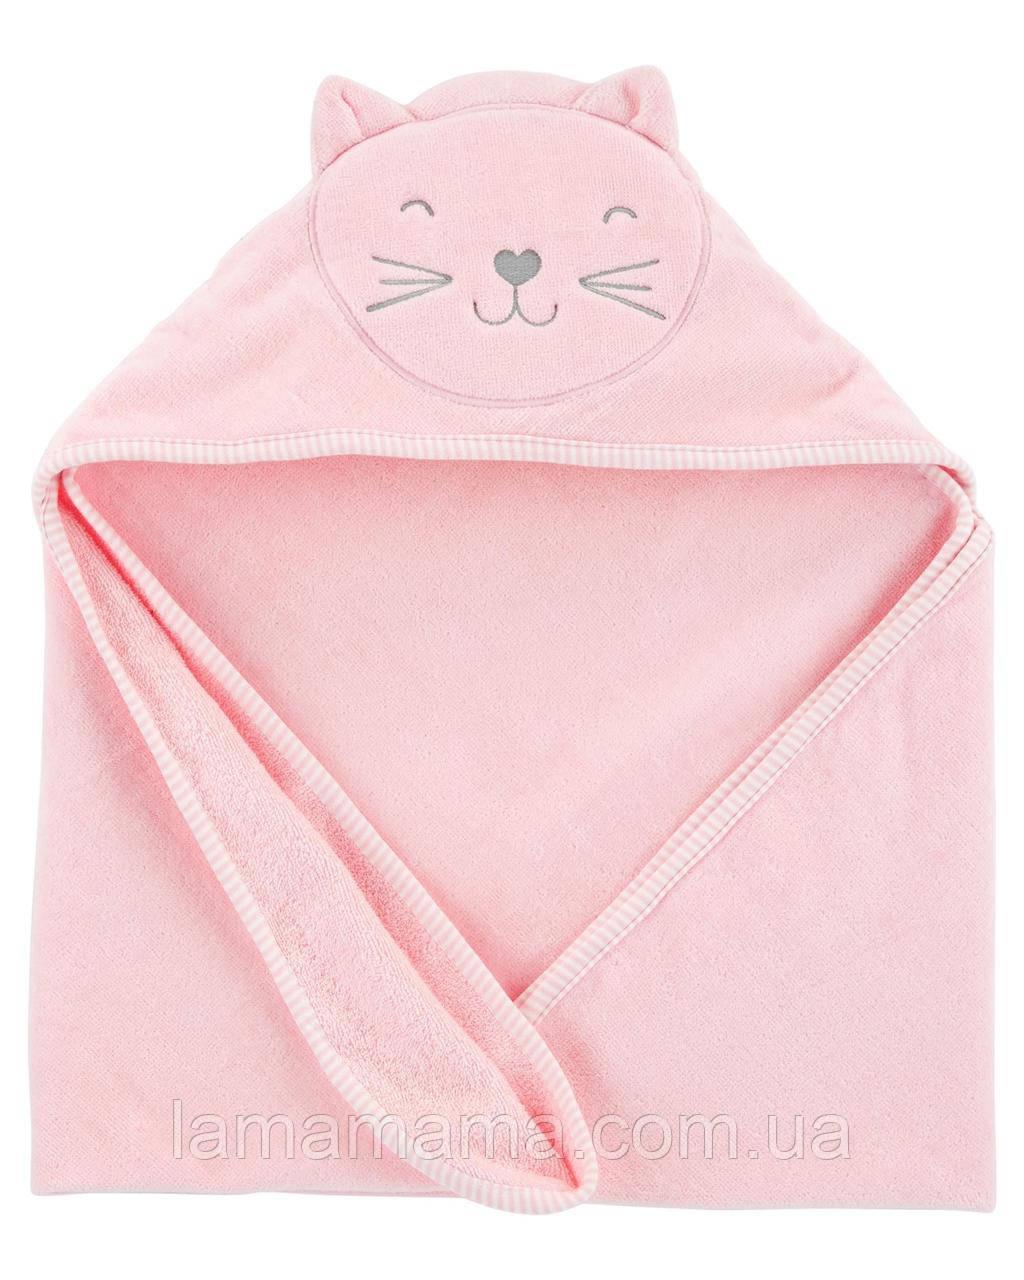 Полотенце с уголком Розовые мечты Картерс Carter's Cat Hooded Towel